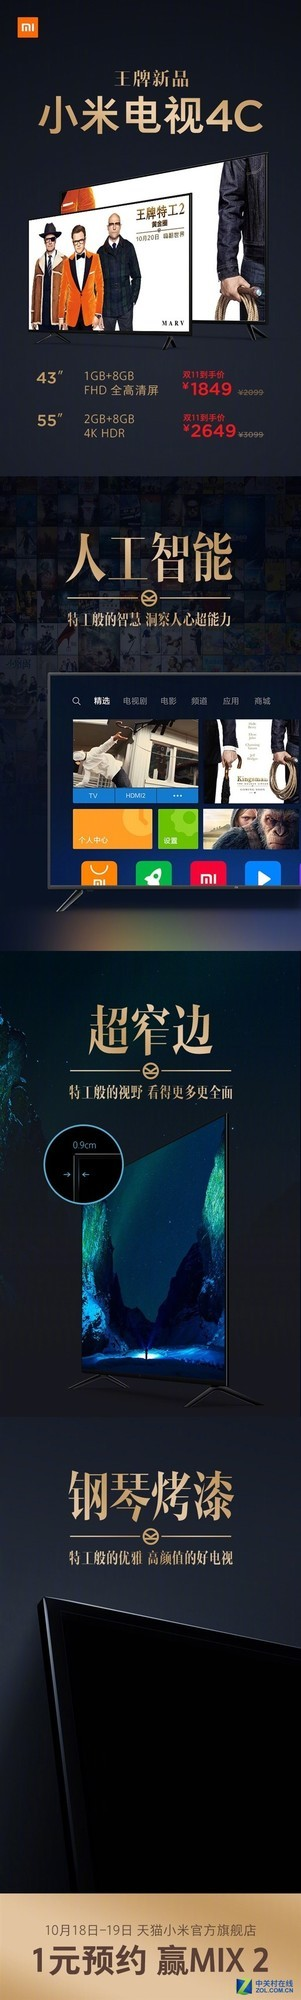 小米发布电视新品4C 欲抢占双.11主动权